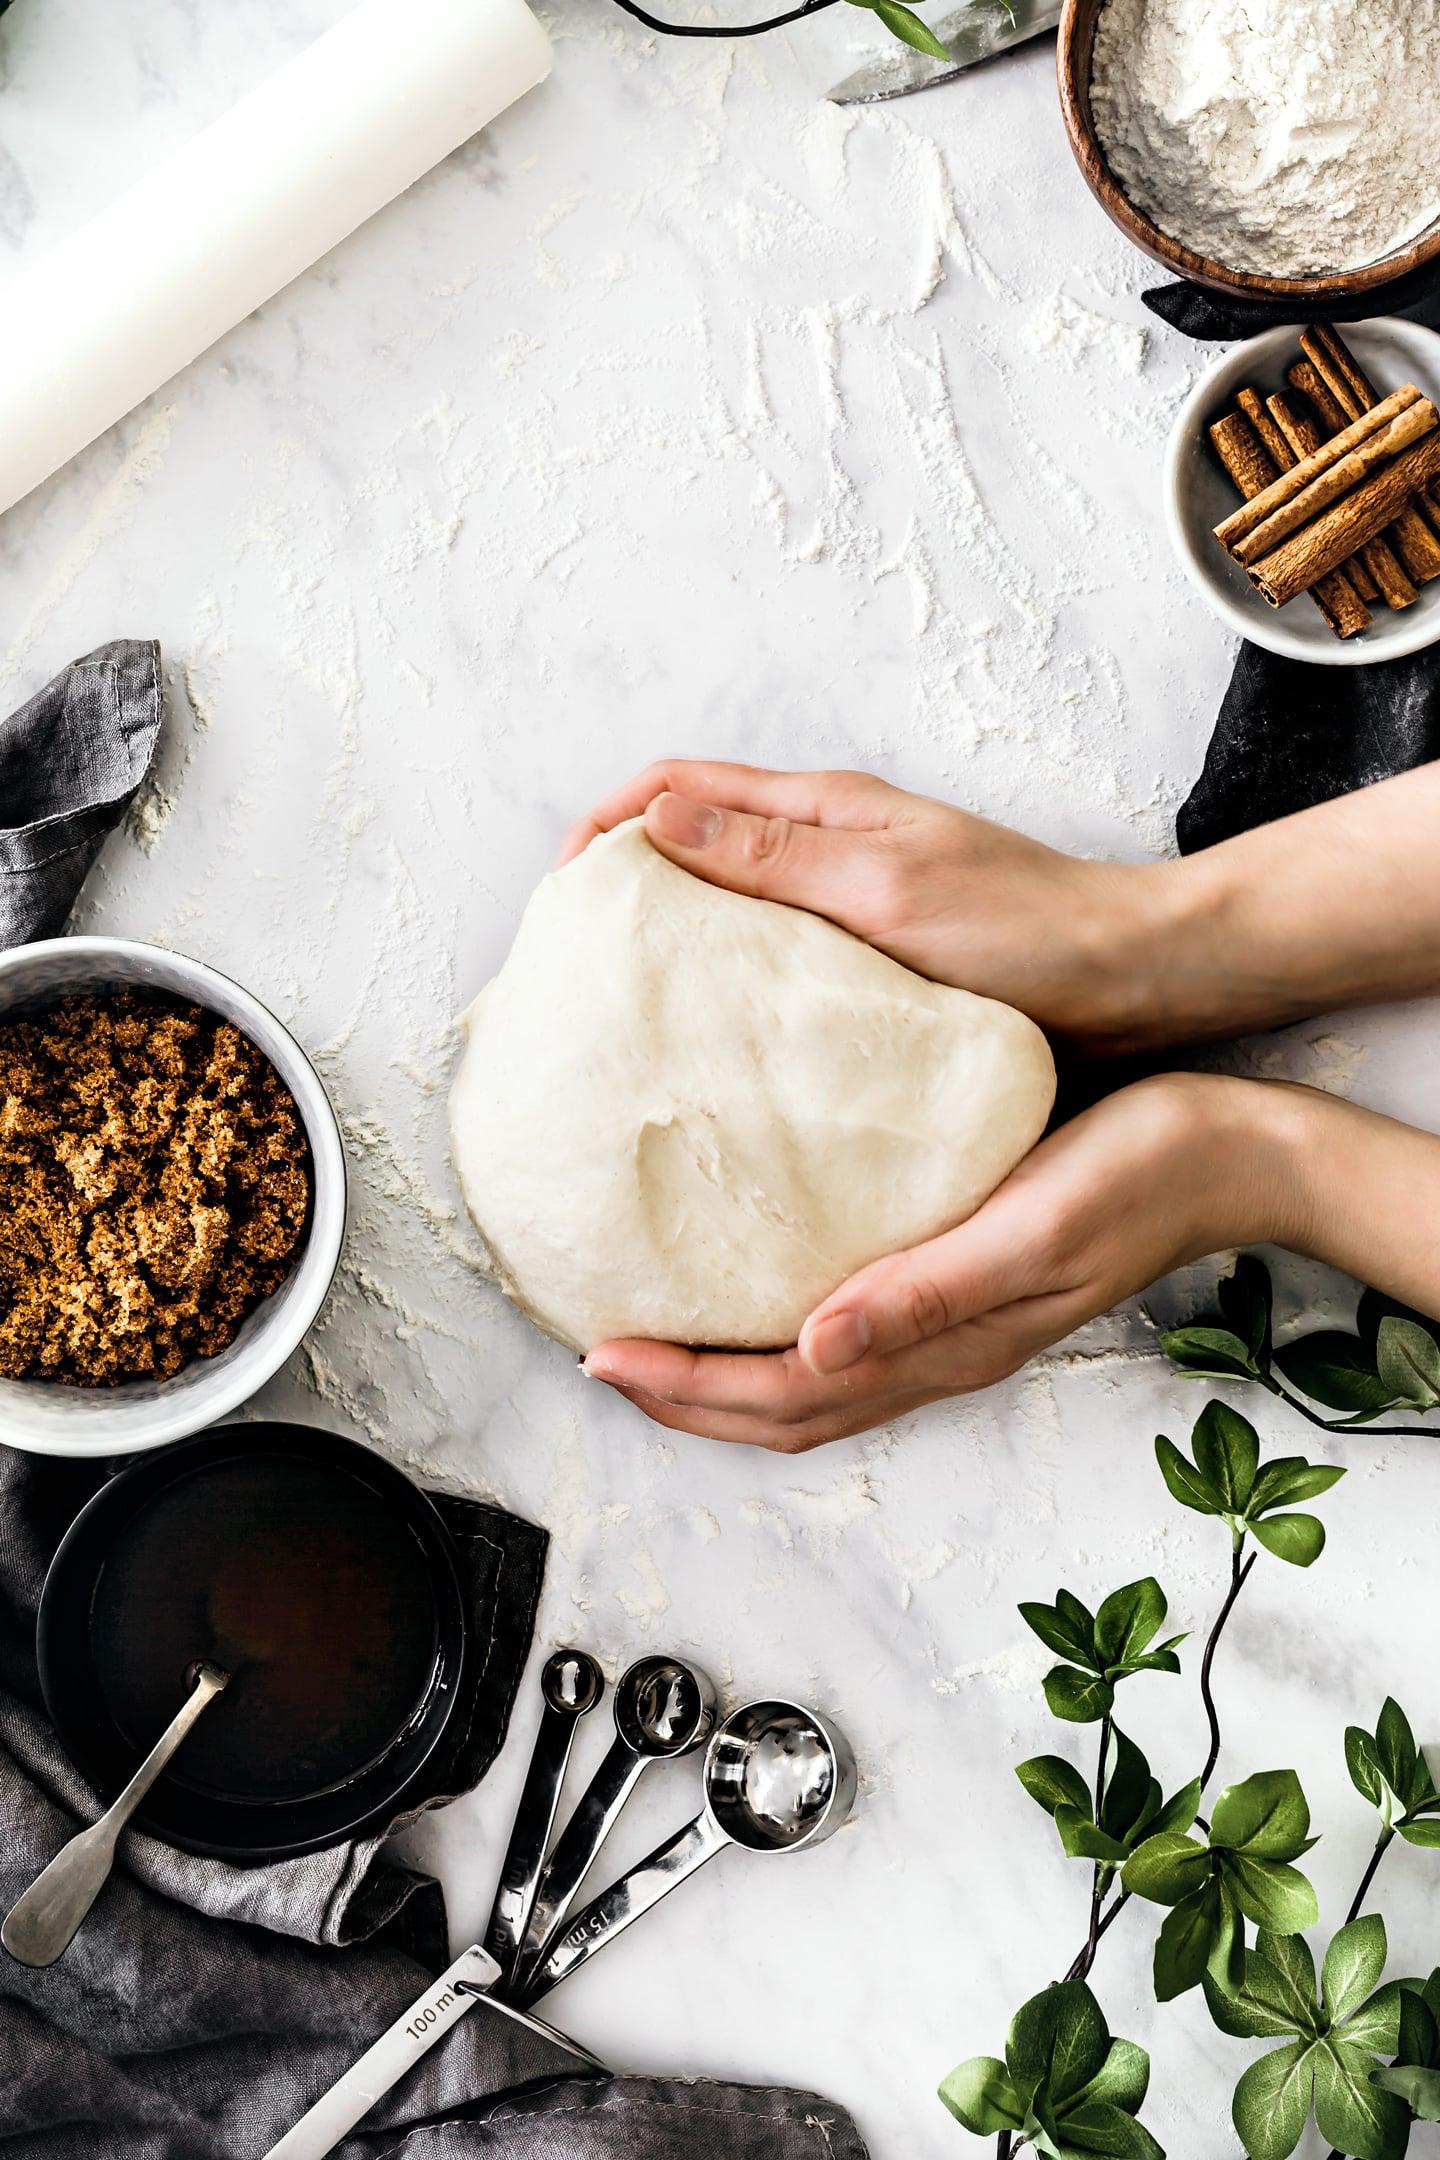 bun pastry dough